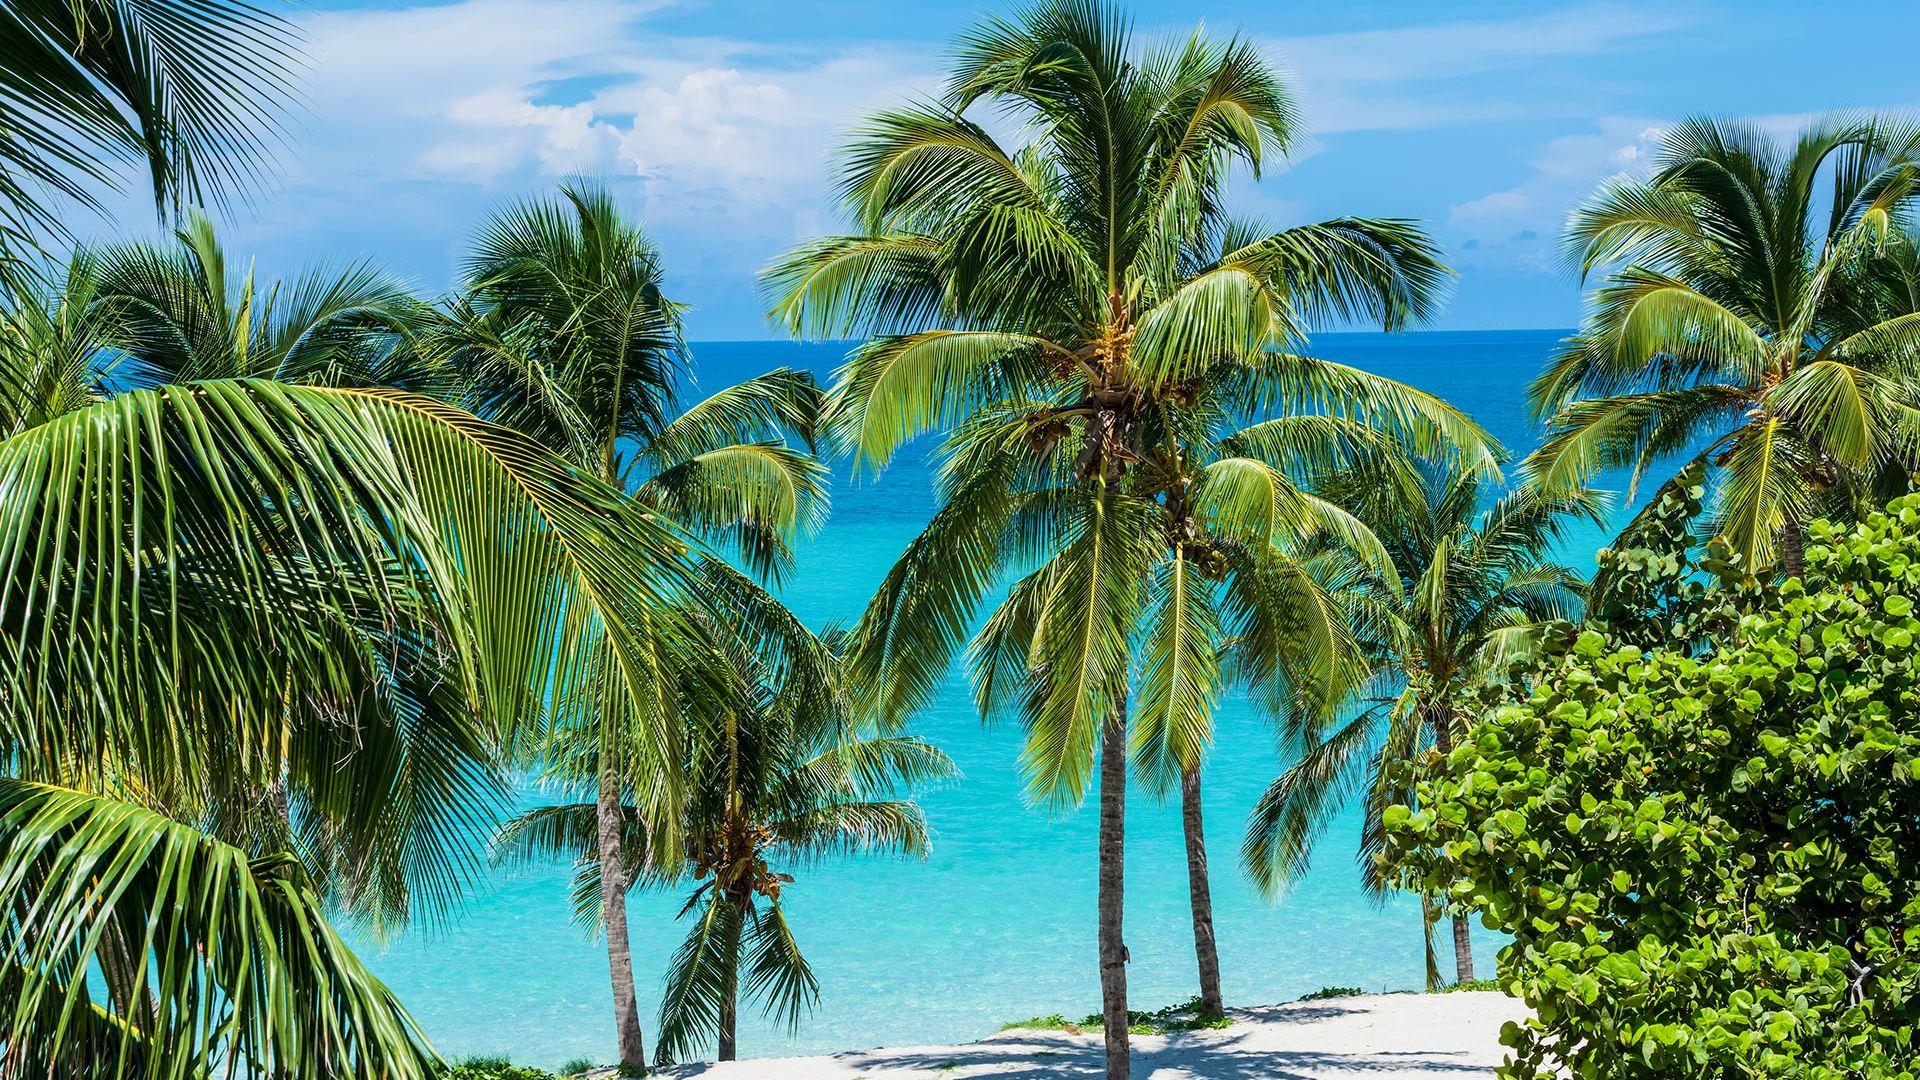 Revelion 2022 - Sejur plaja Varadero, Cuba, 9 zile